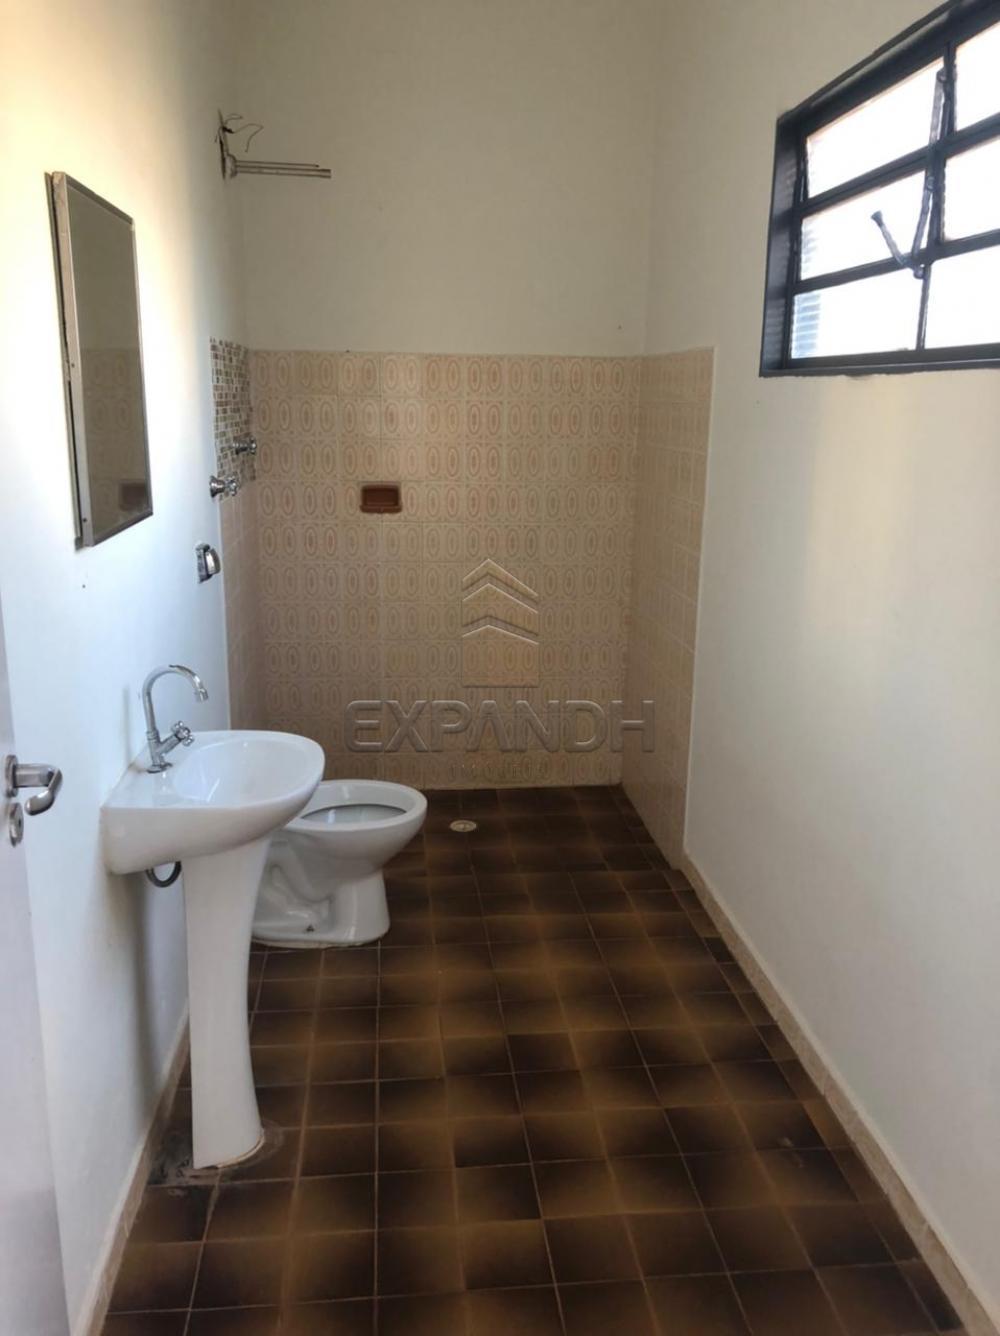 Alugar Casas / Padrão em Sertãozinho R$ 1.500,00 - Foto 29